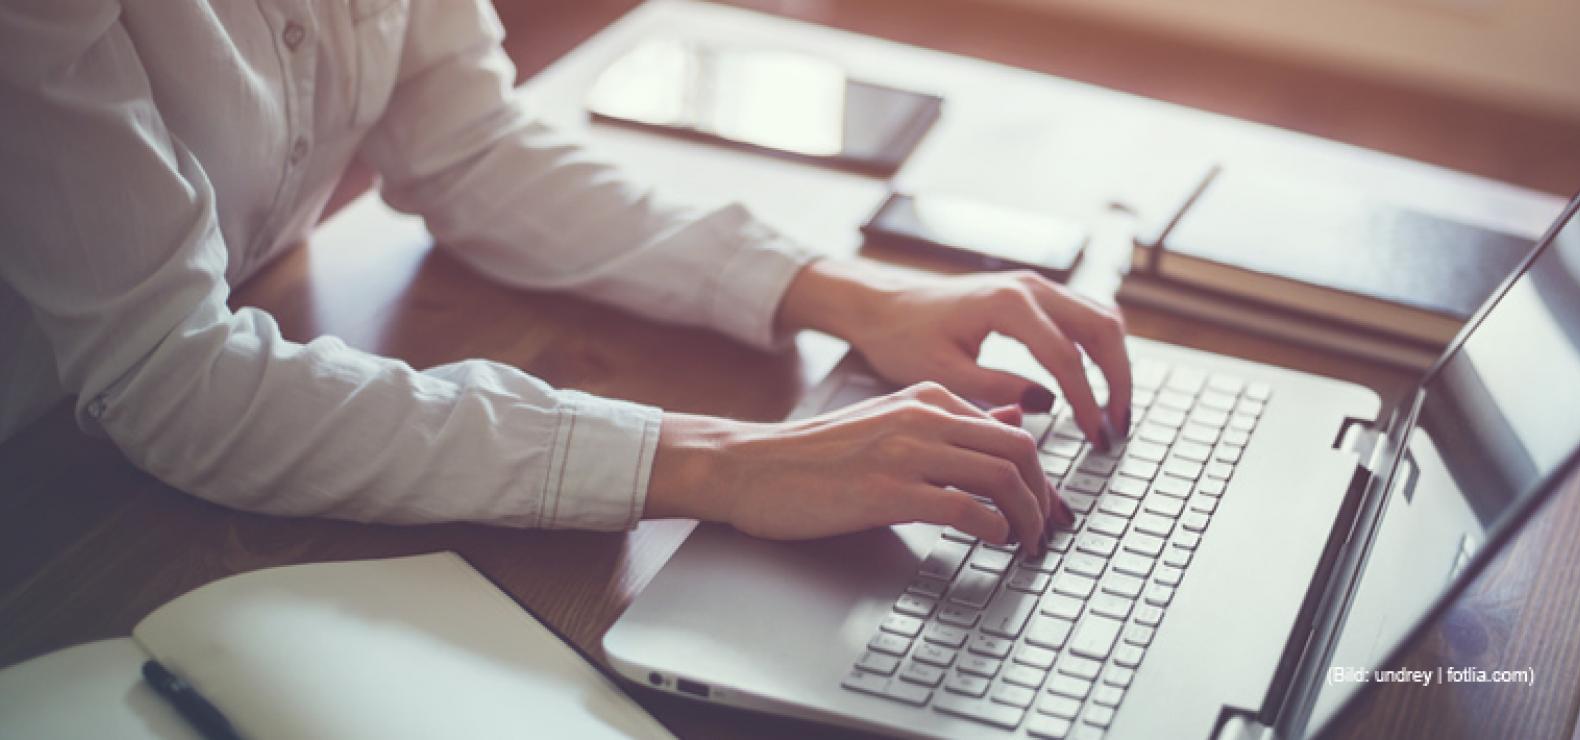 Frau sitzt am Schreibtisch mit Fingern auf der Tastatur